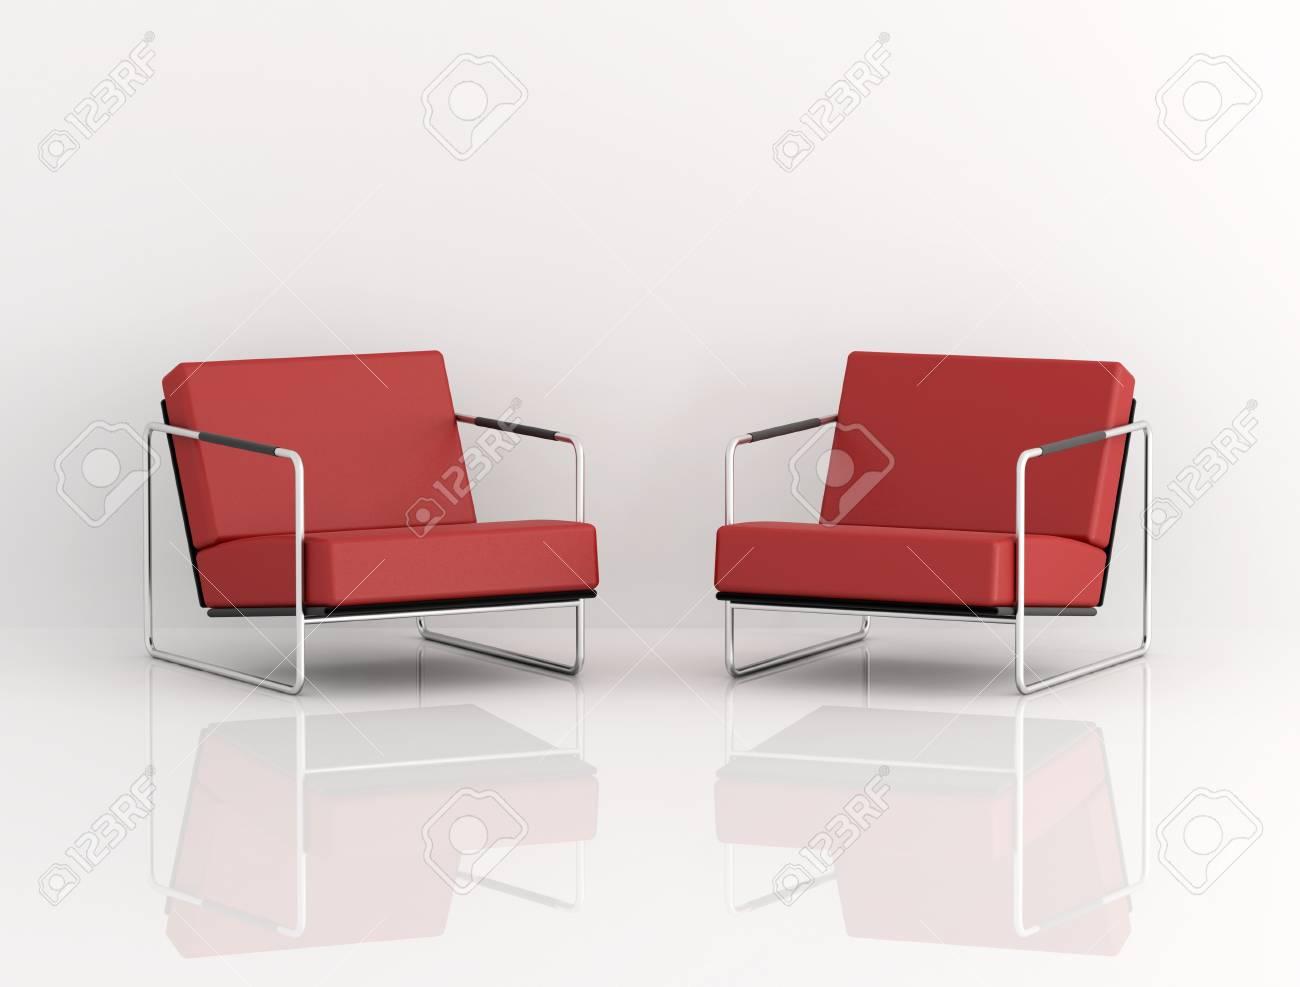 Moderne Fauteuil Wit.Twee Rode Moderne Fauteuil Geisoleerd Op Wit Digitaal Artwork